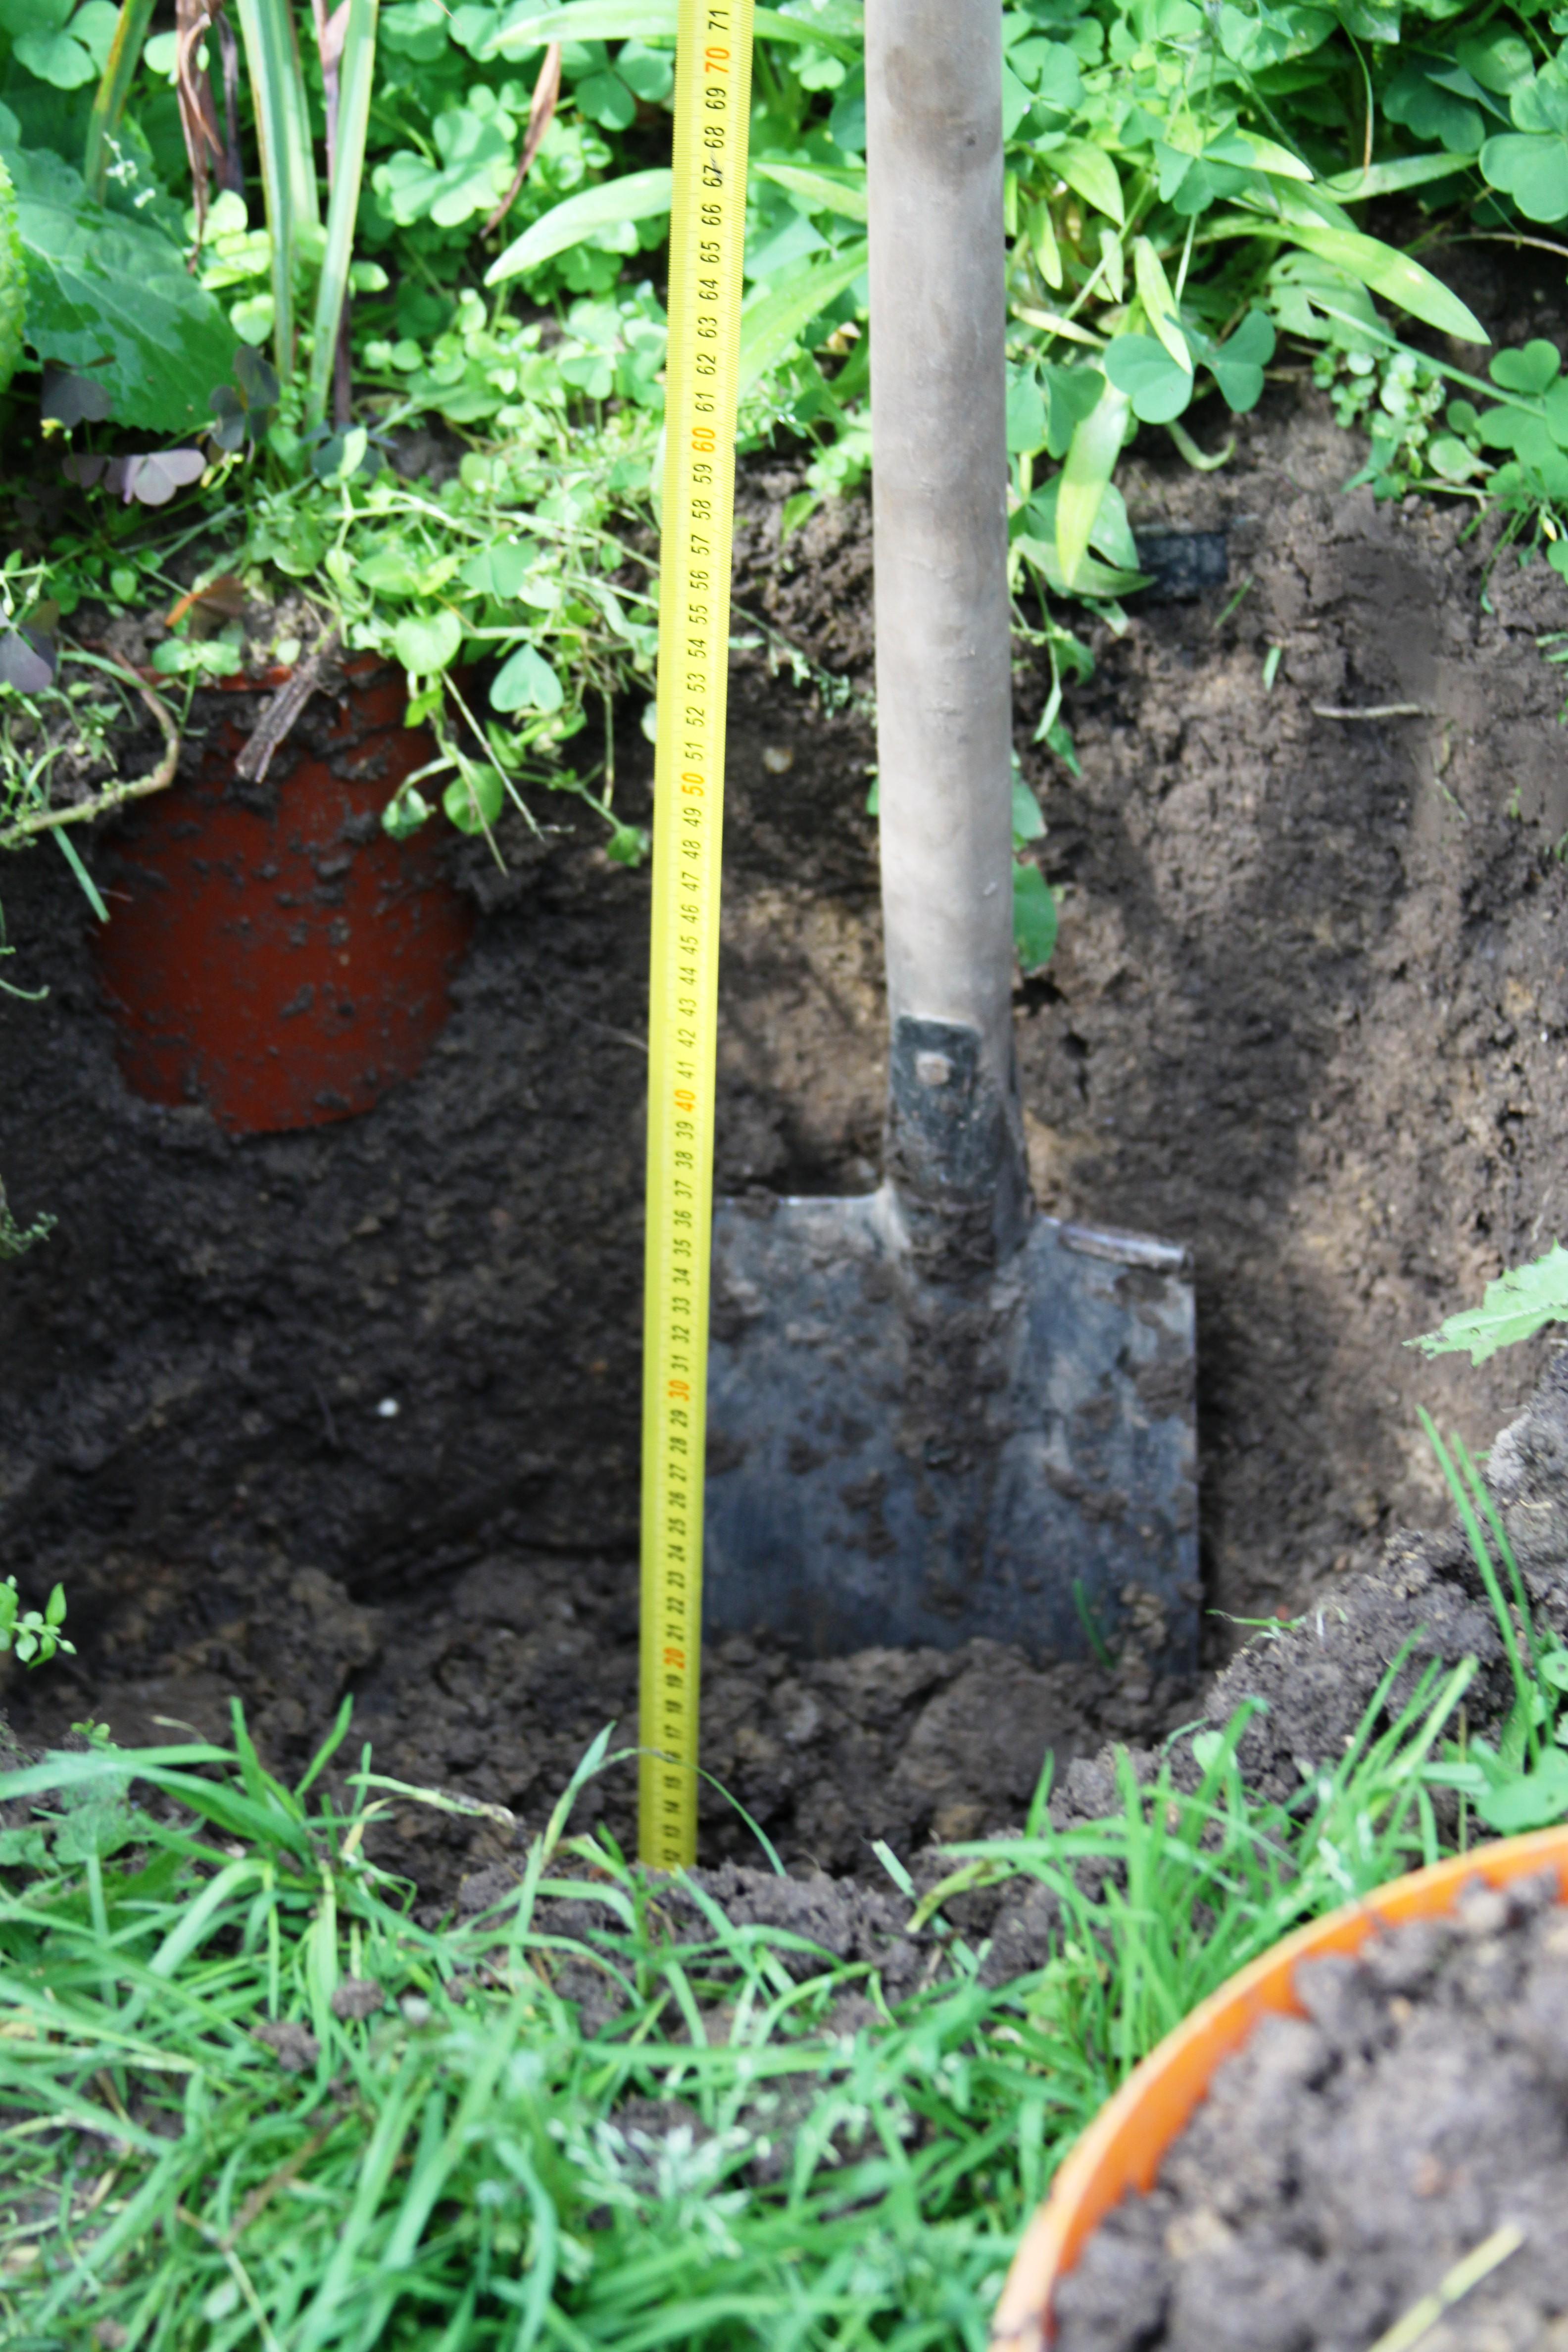 Если вы сажаете пионы надолго, глубина ямы должна быть до 80 см в глубину. Фото: АВТОР